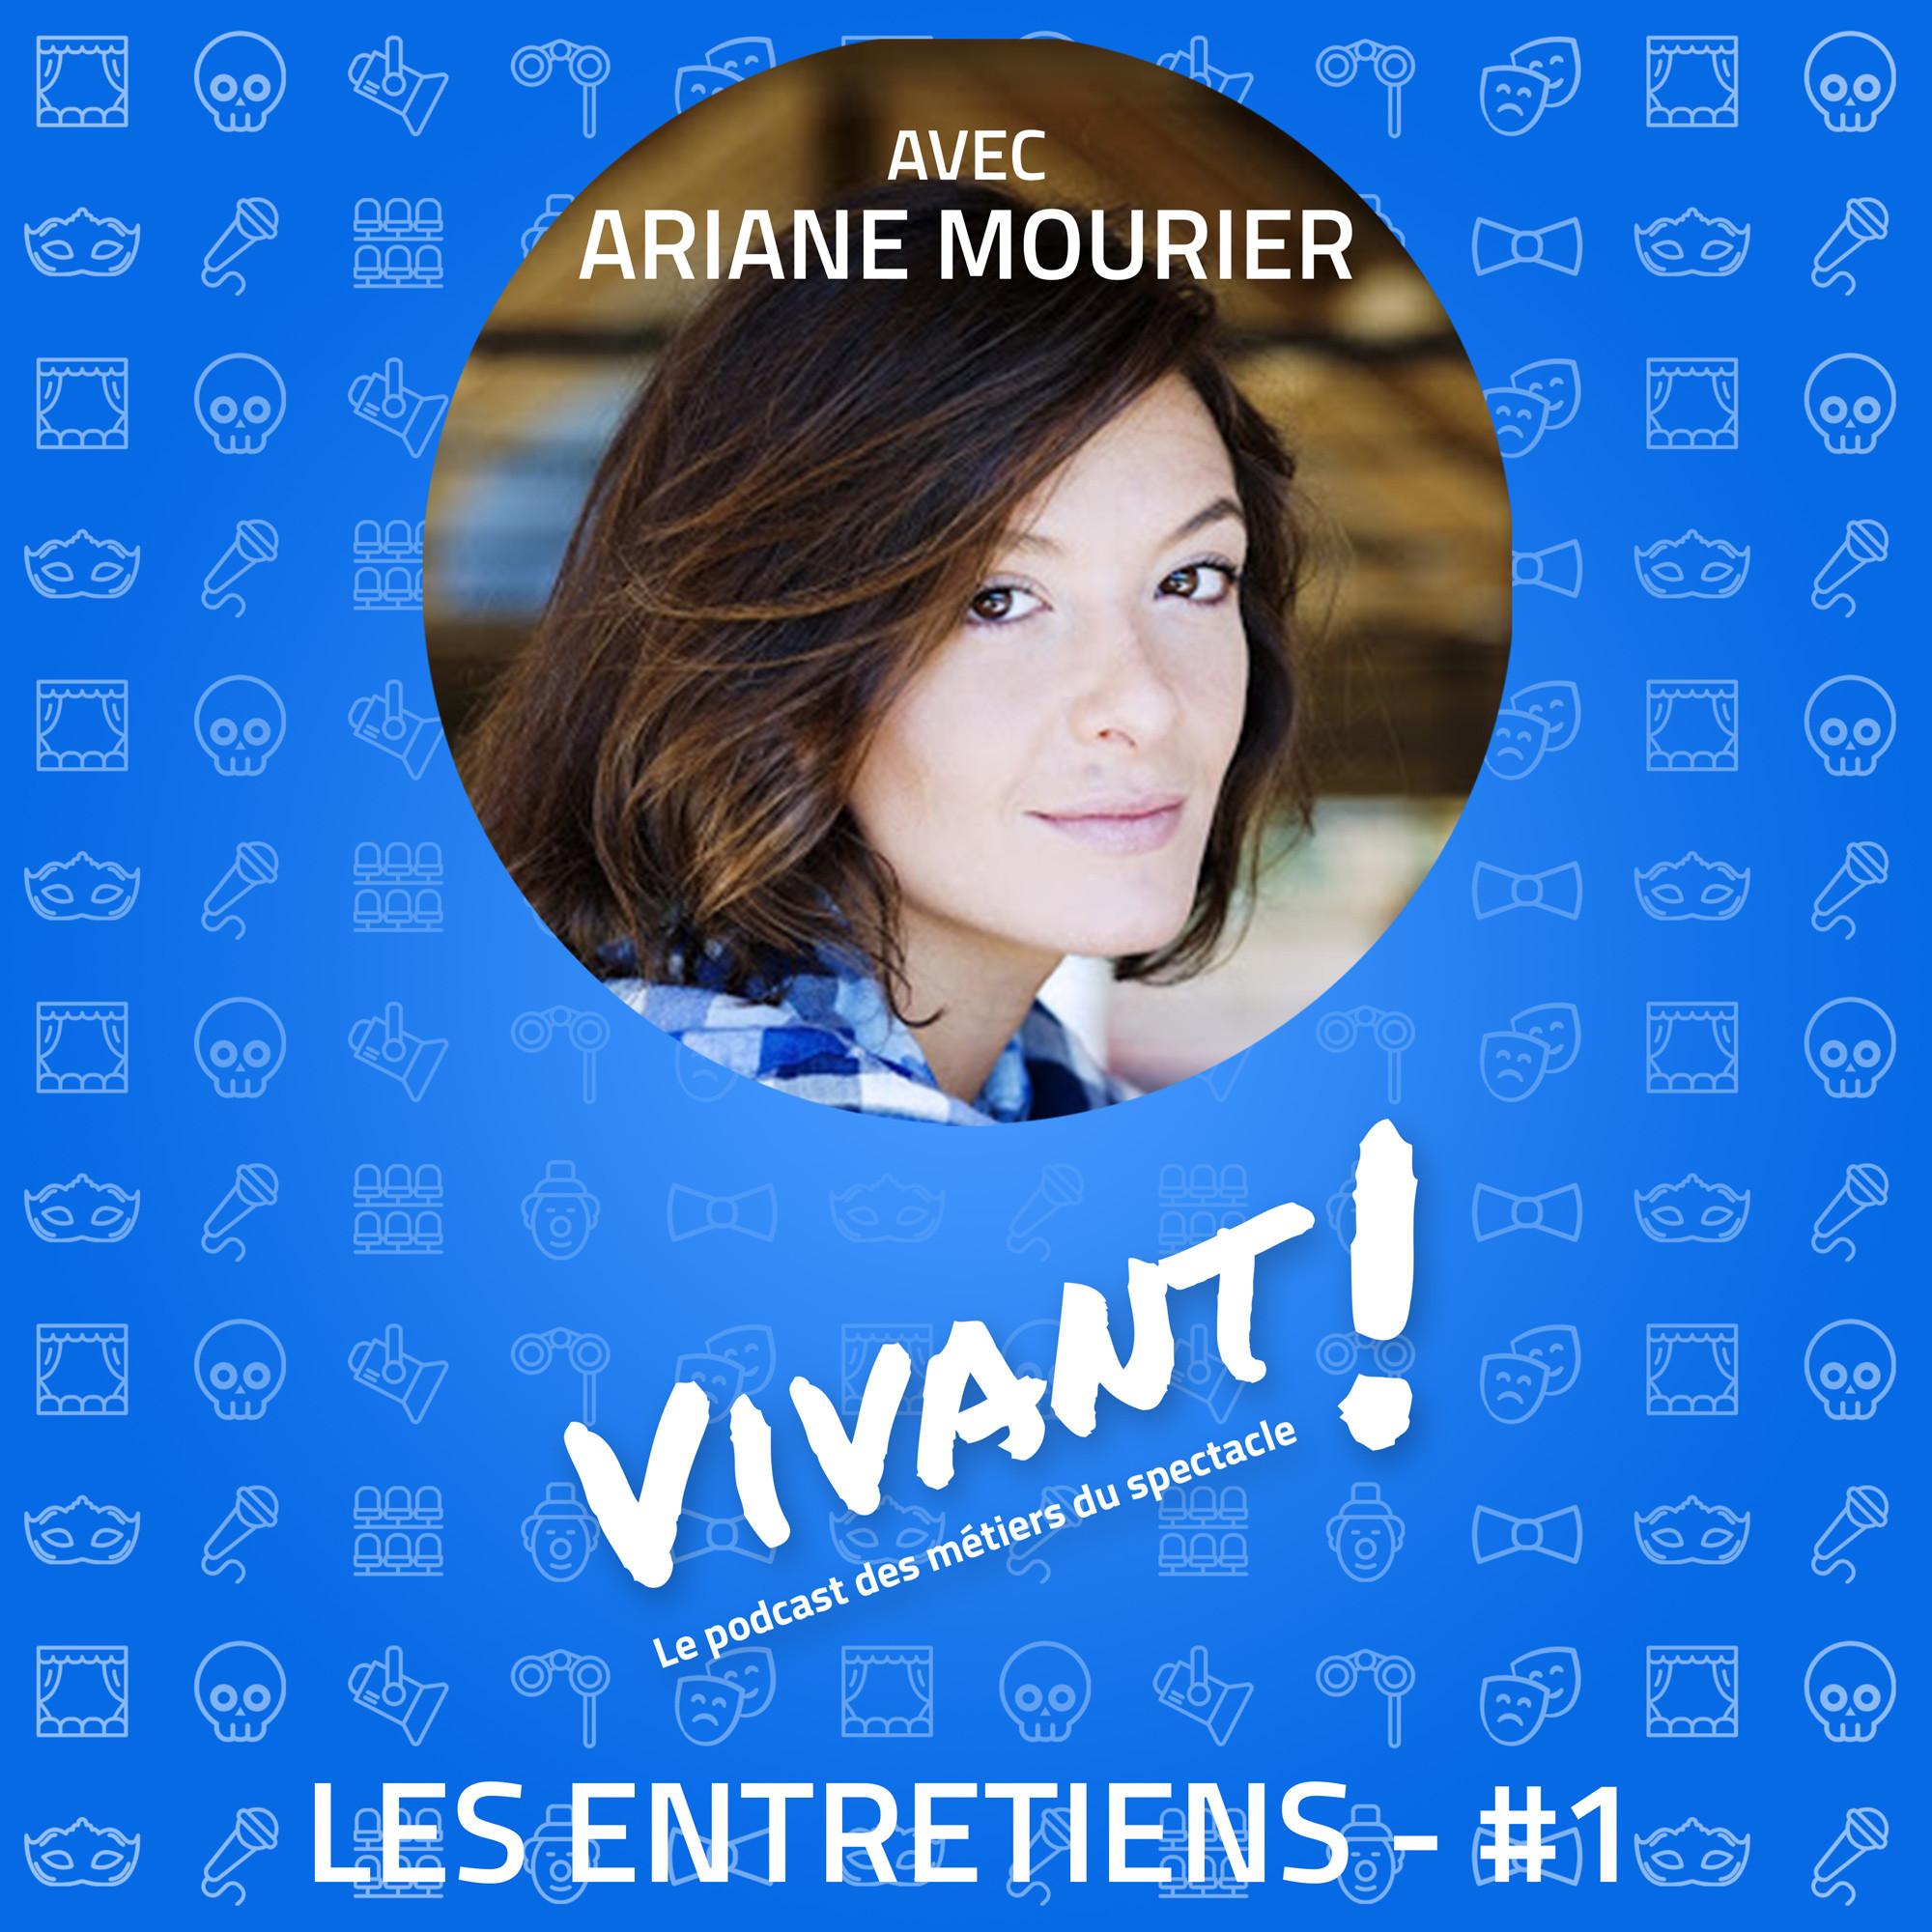 Entretien #1 - Ariane Mourier